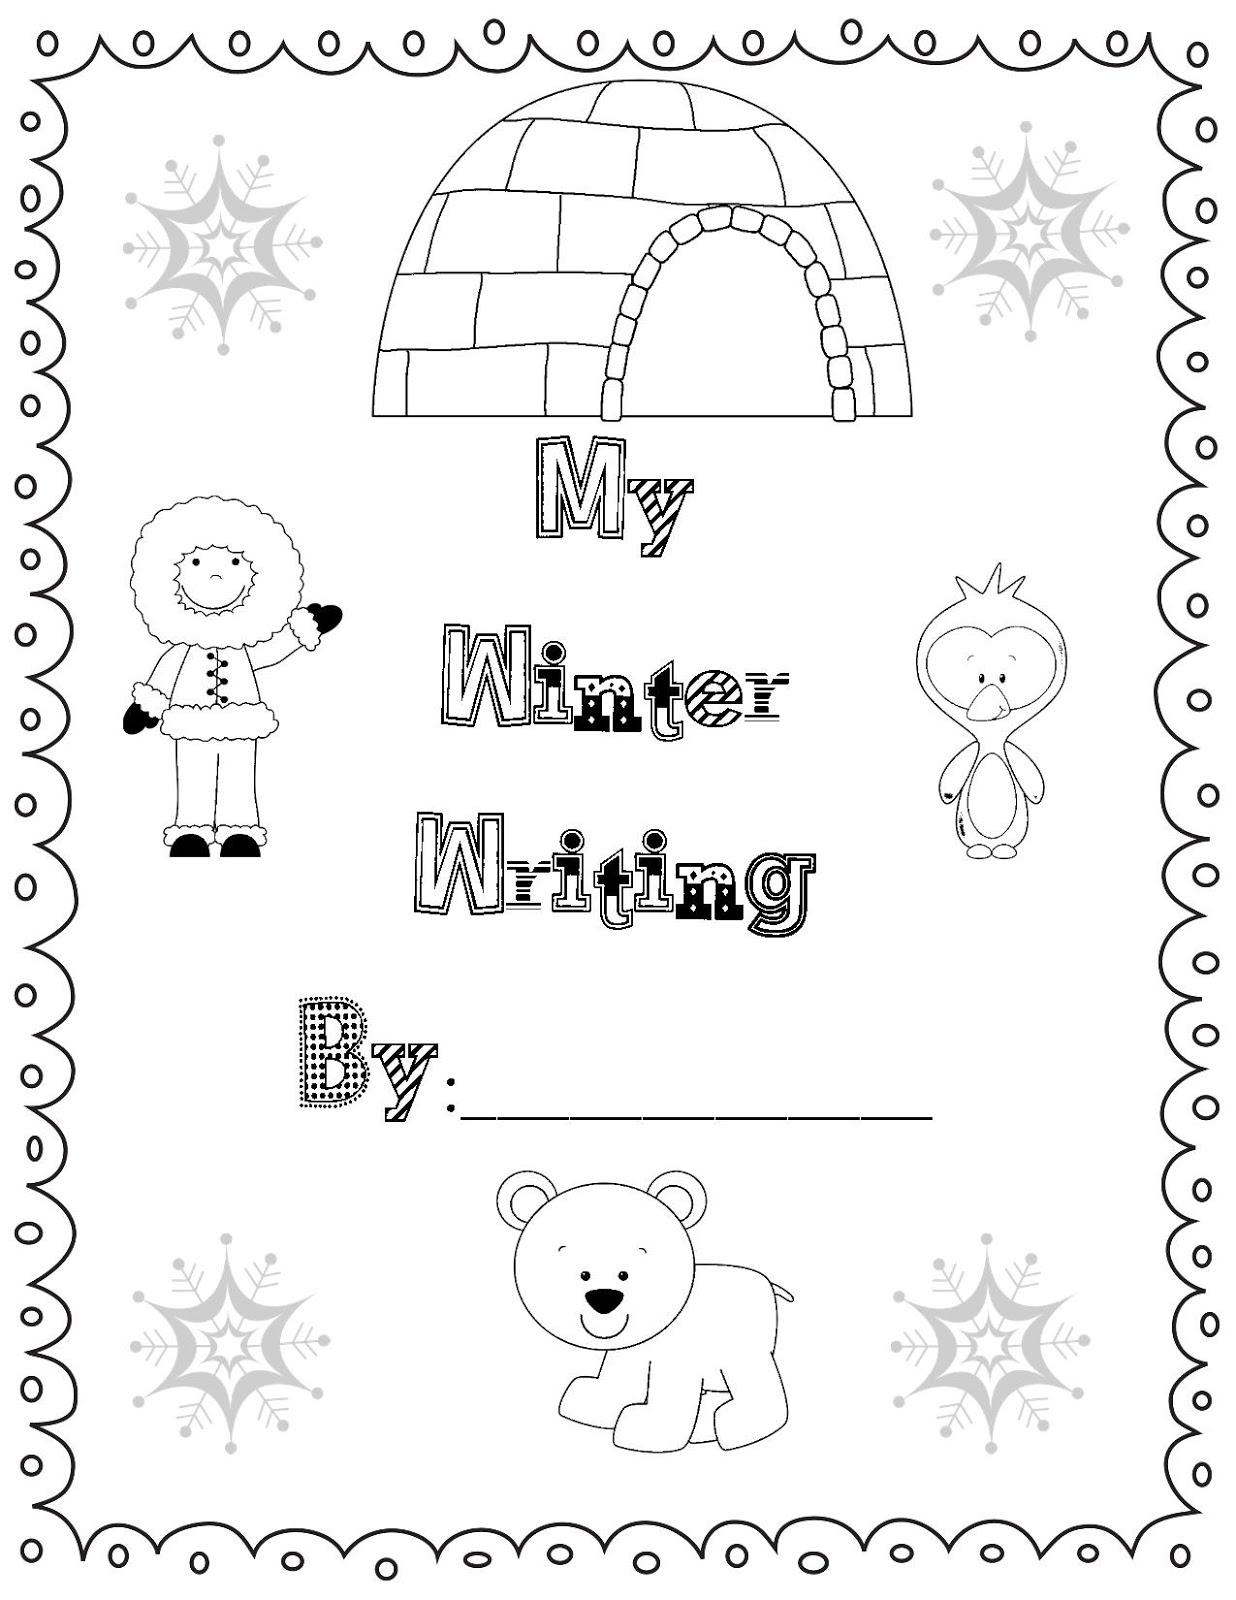 Tales-of-a-First-Grade-Teacher: Snowman Glyph Freebie